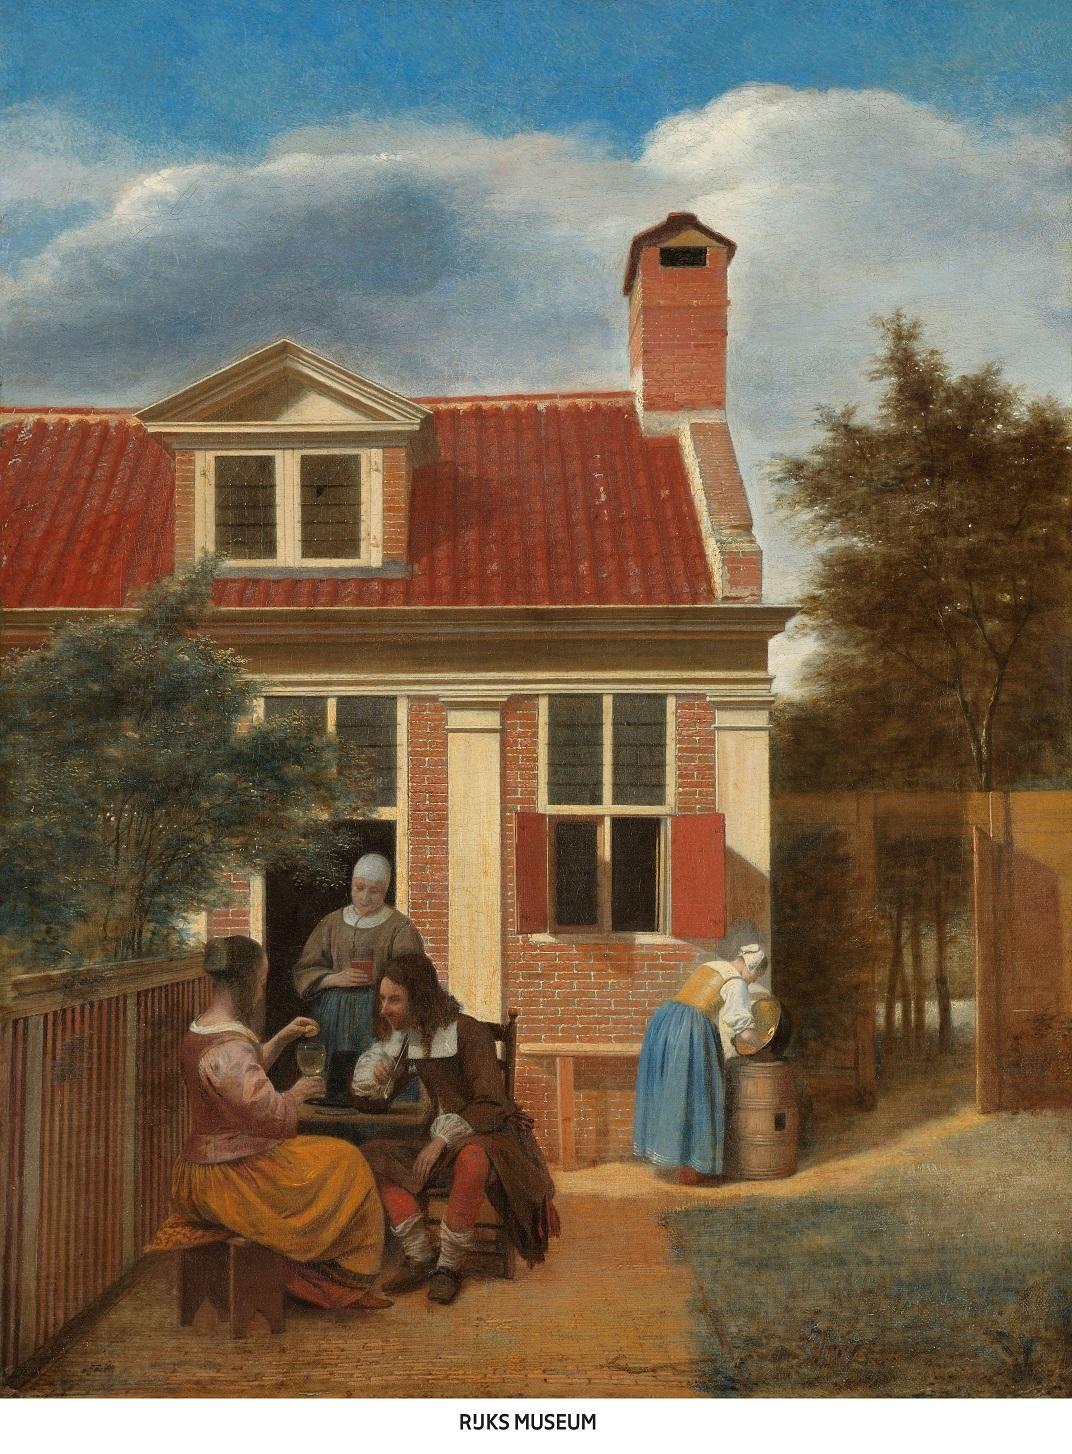 ピーテル・デ・ホーホ 《人の居る裏庭》 1663-1665年頃    油彩・カンヴァス60×45.7cm    アムステルダム国立美術館 Rijksmuseum. On loan from the City of Amsterdam (A. van der Hoop Bequest)